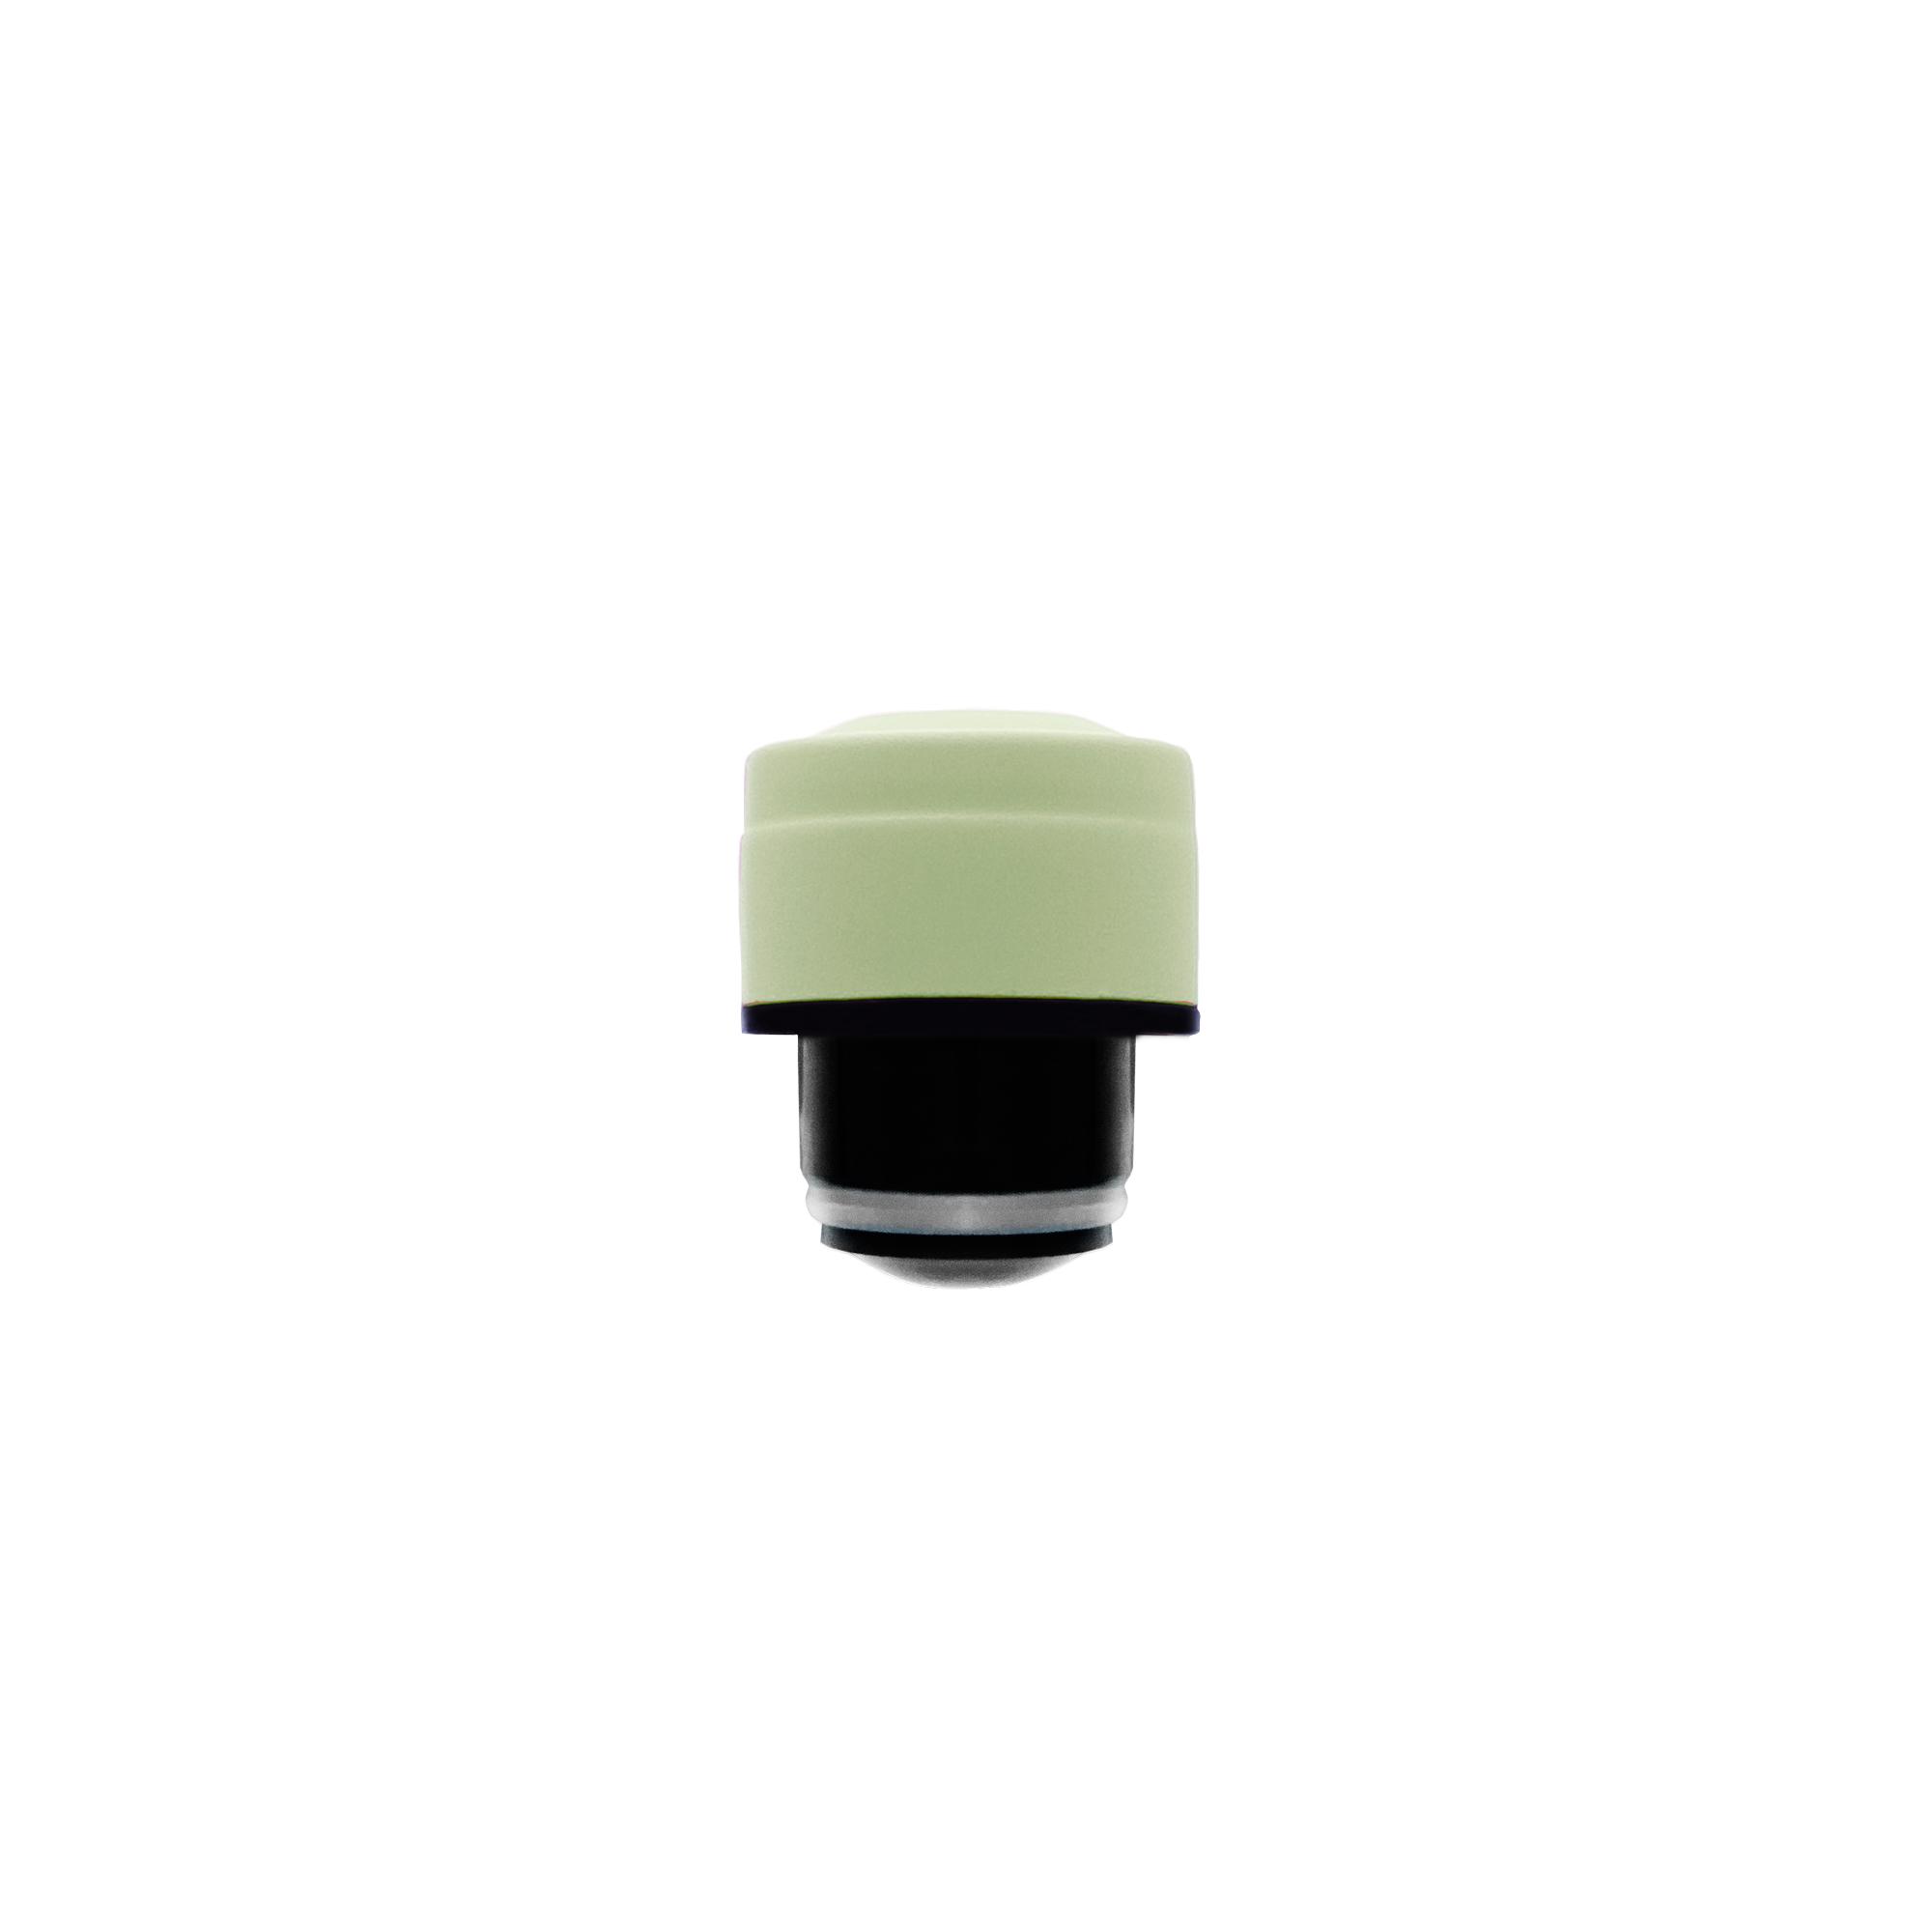 Tú botella de acero inoxidable - Tapón Pastel Green 2